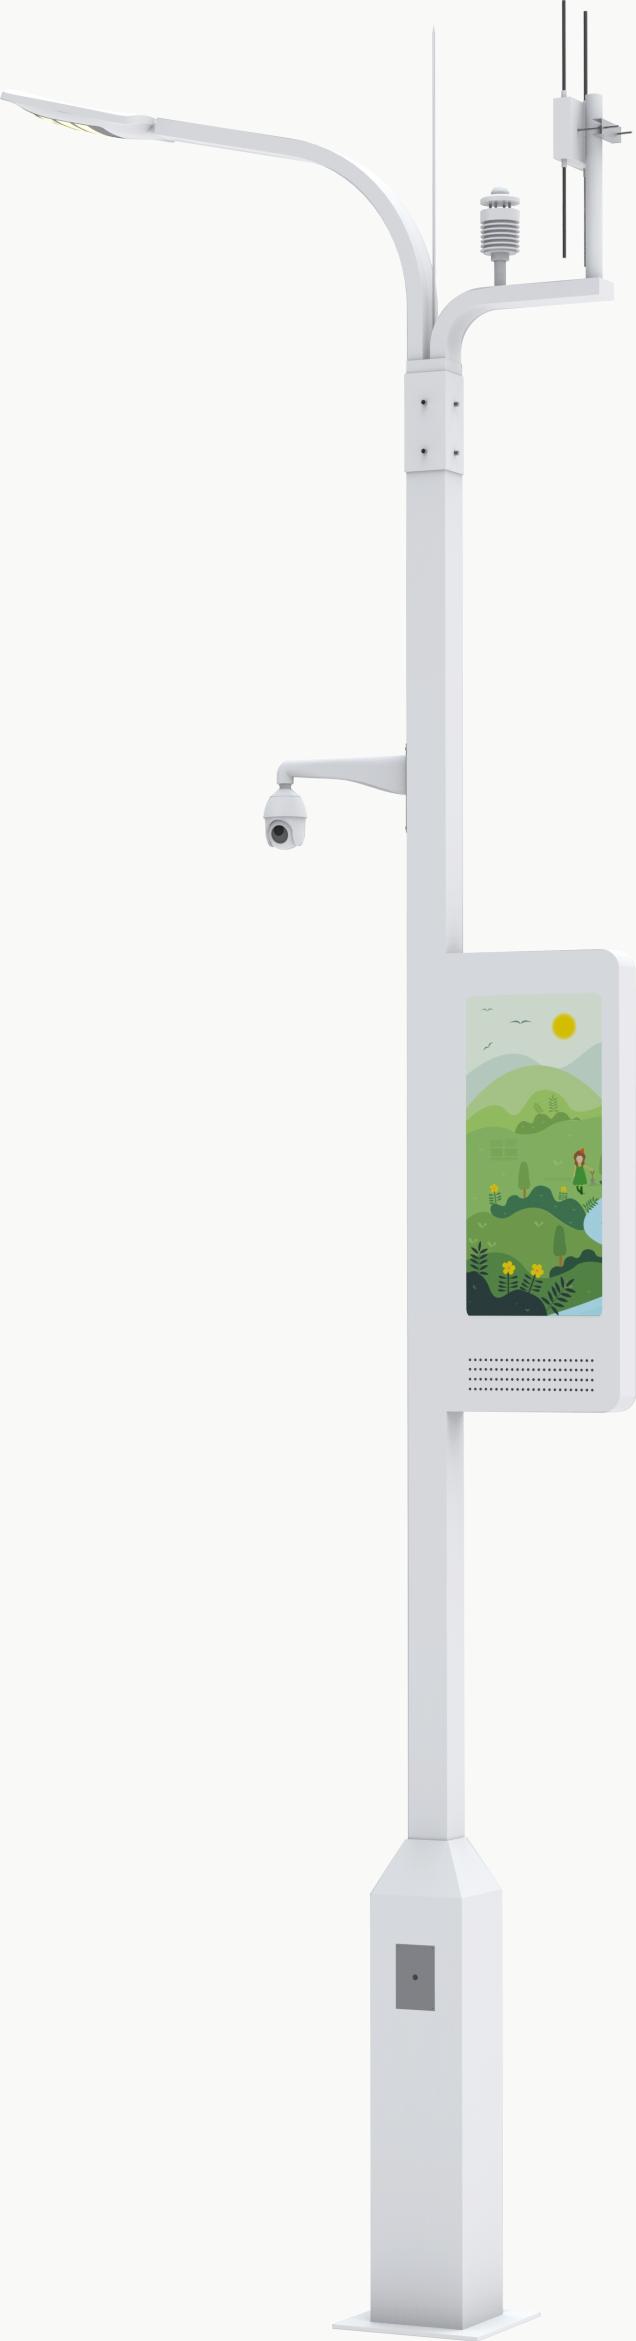 5G智慧燈桿,智慧燈桿,智能路燈桿,智慧路燈